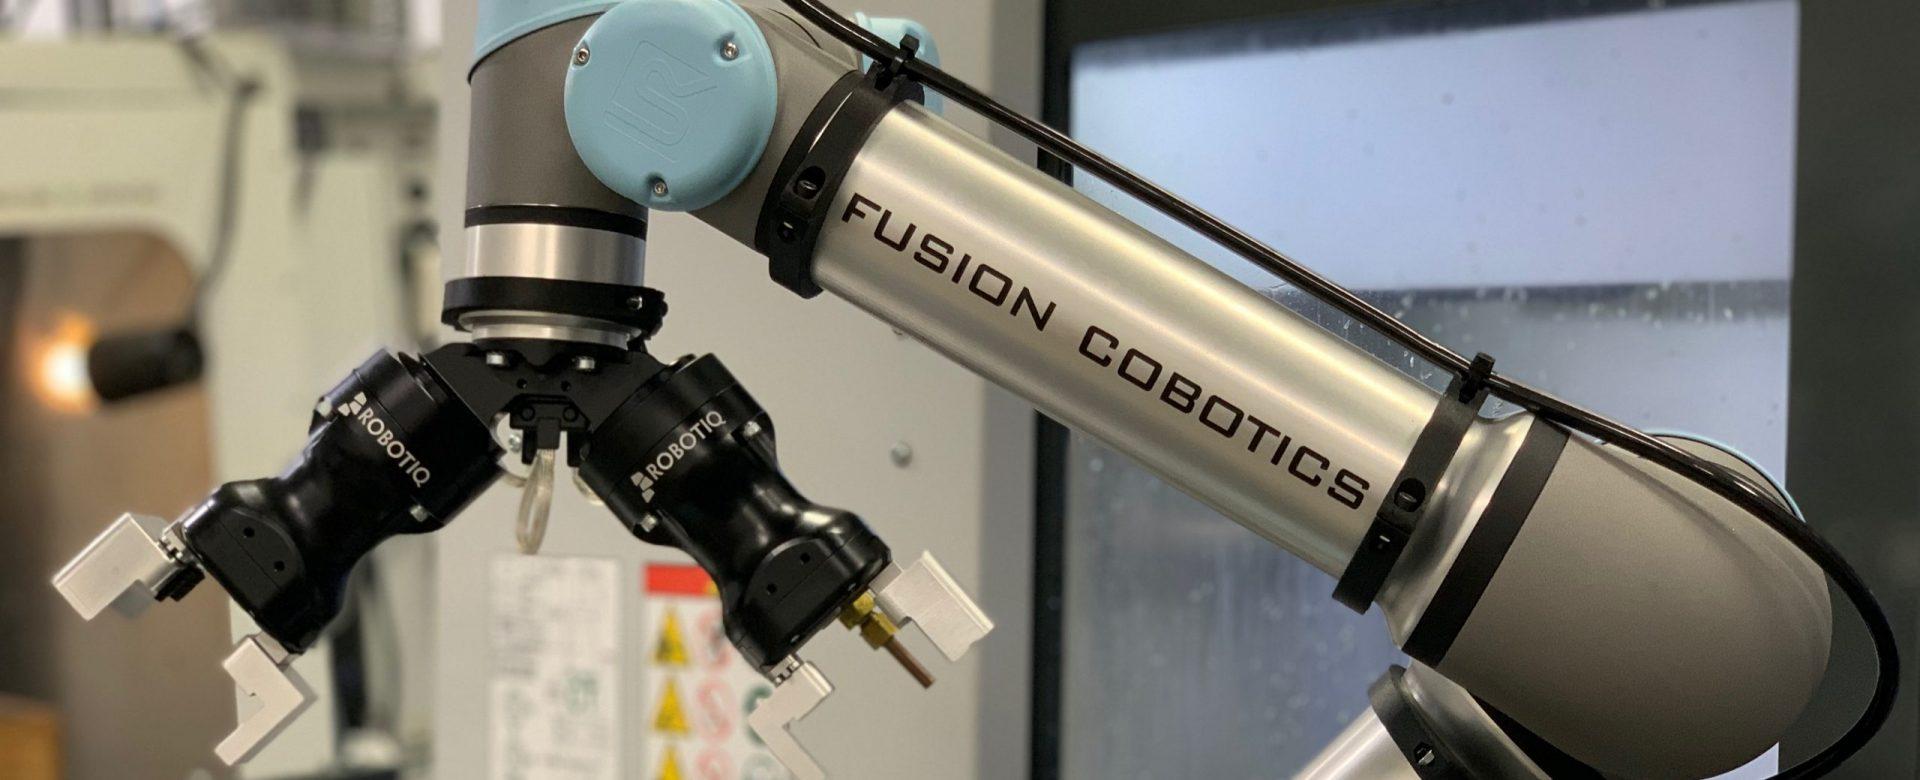 Fusion Cobotics